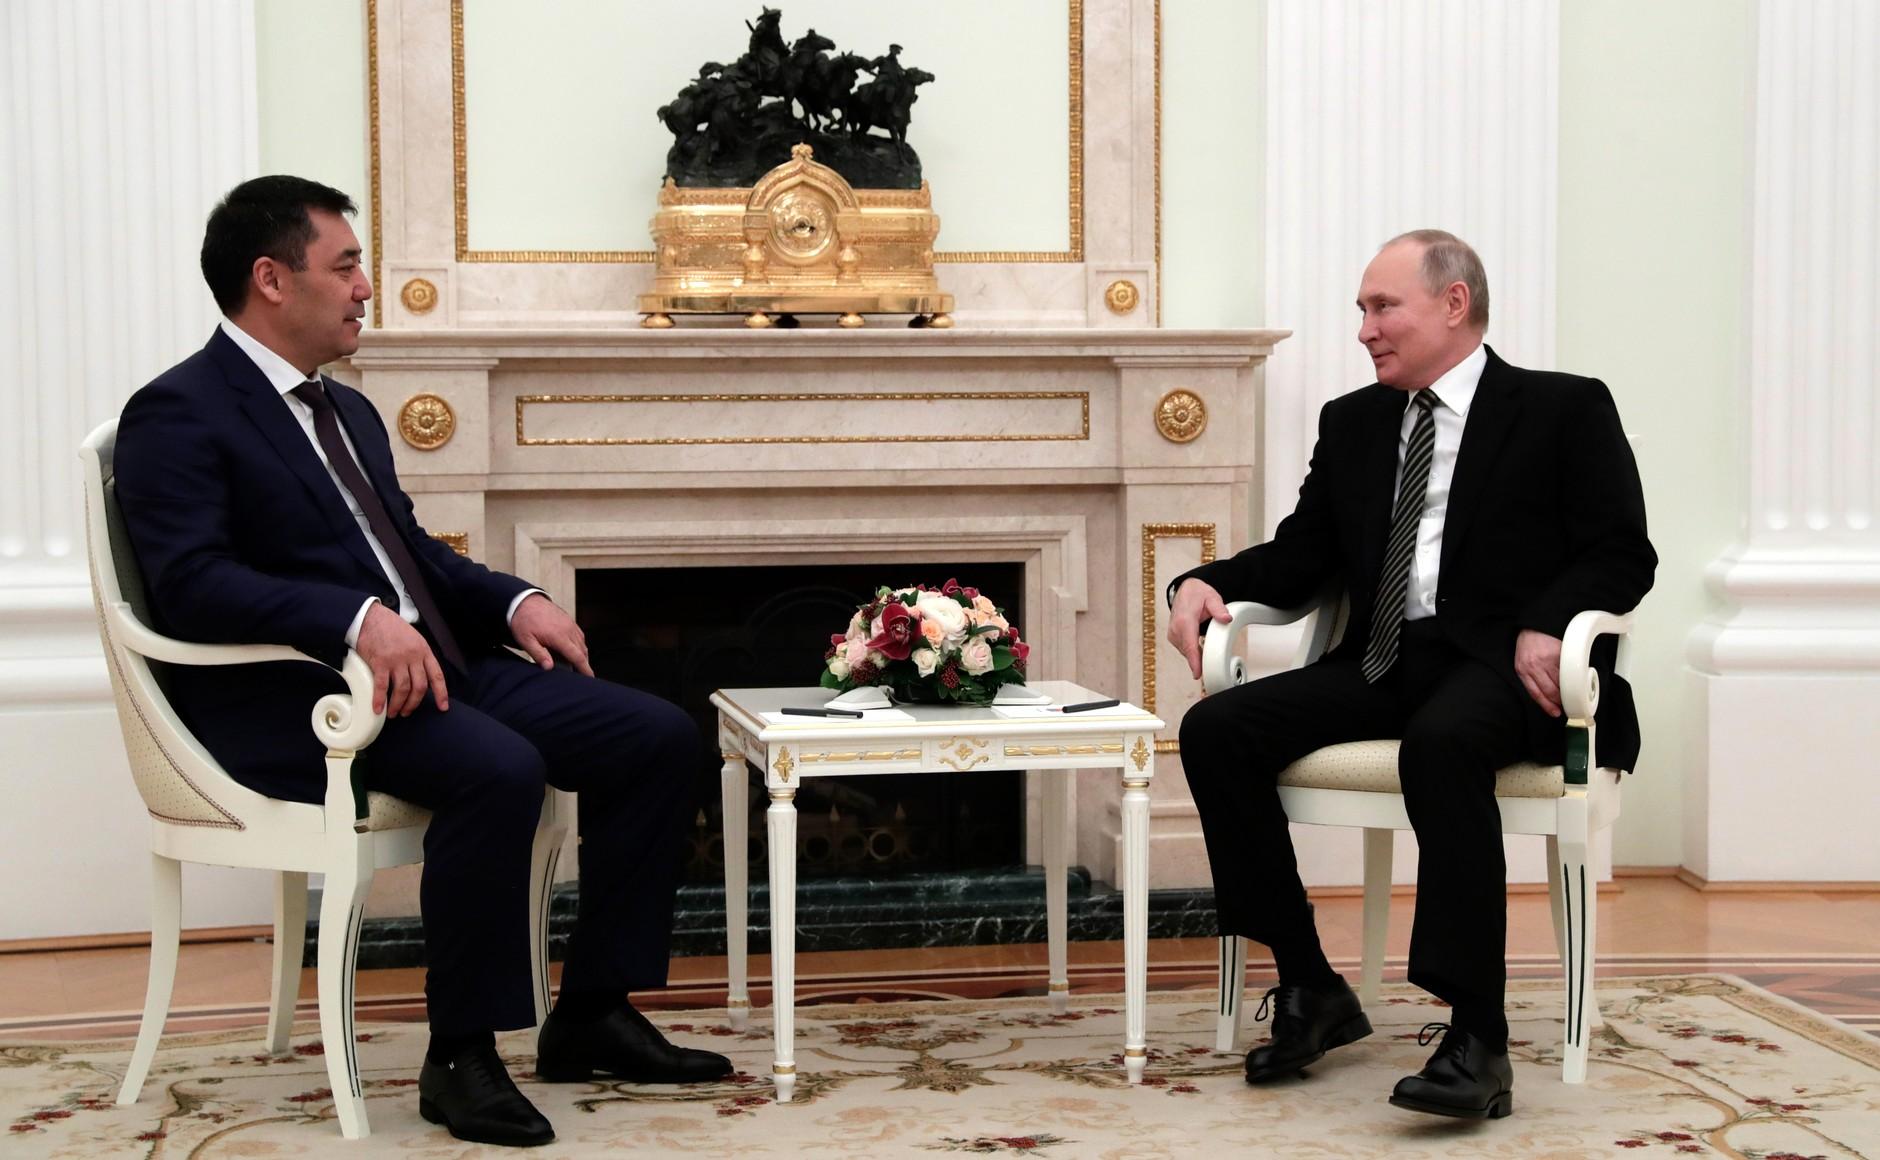 KIRGHISTAN 4 XX 5 Rencontre avec le président du Kirghizistan Sadyr Japarov 24 février 2021